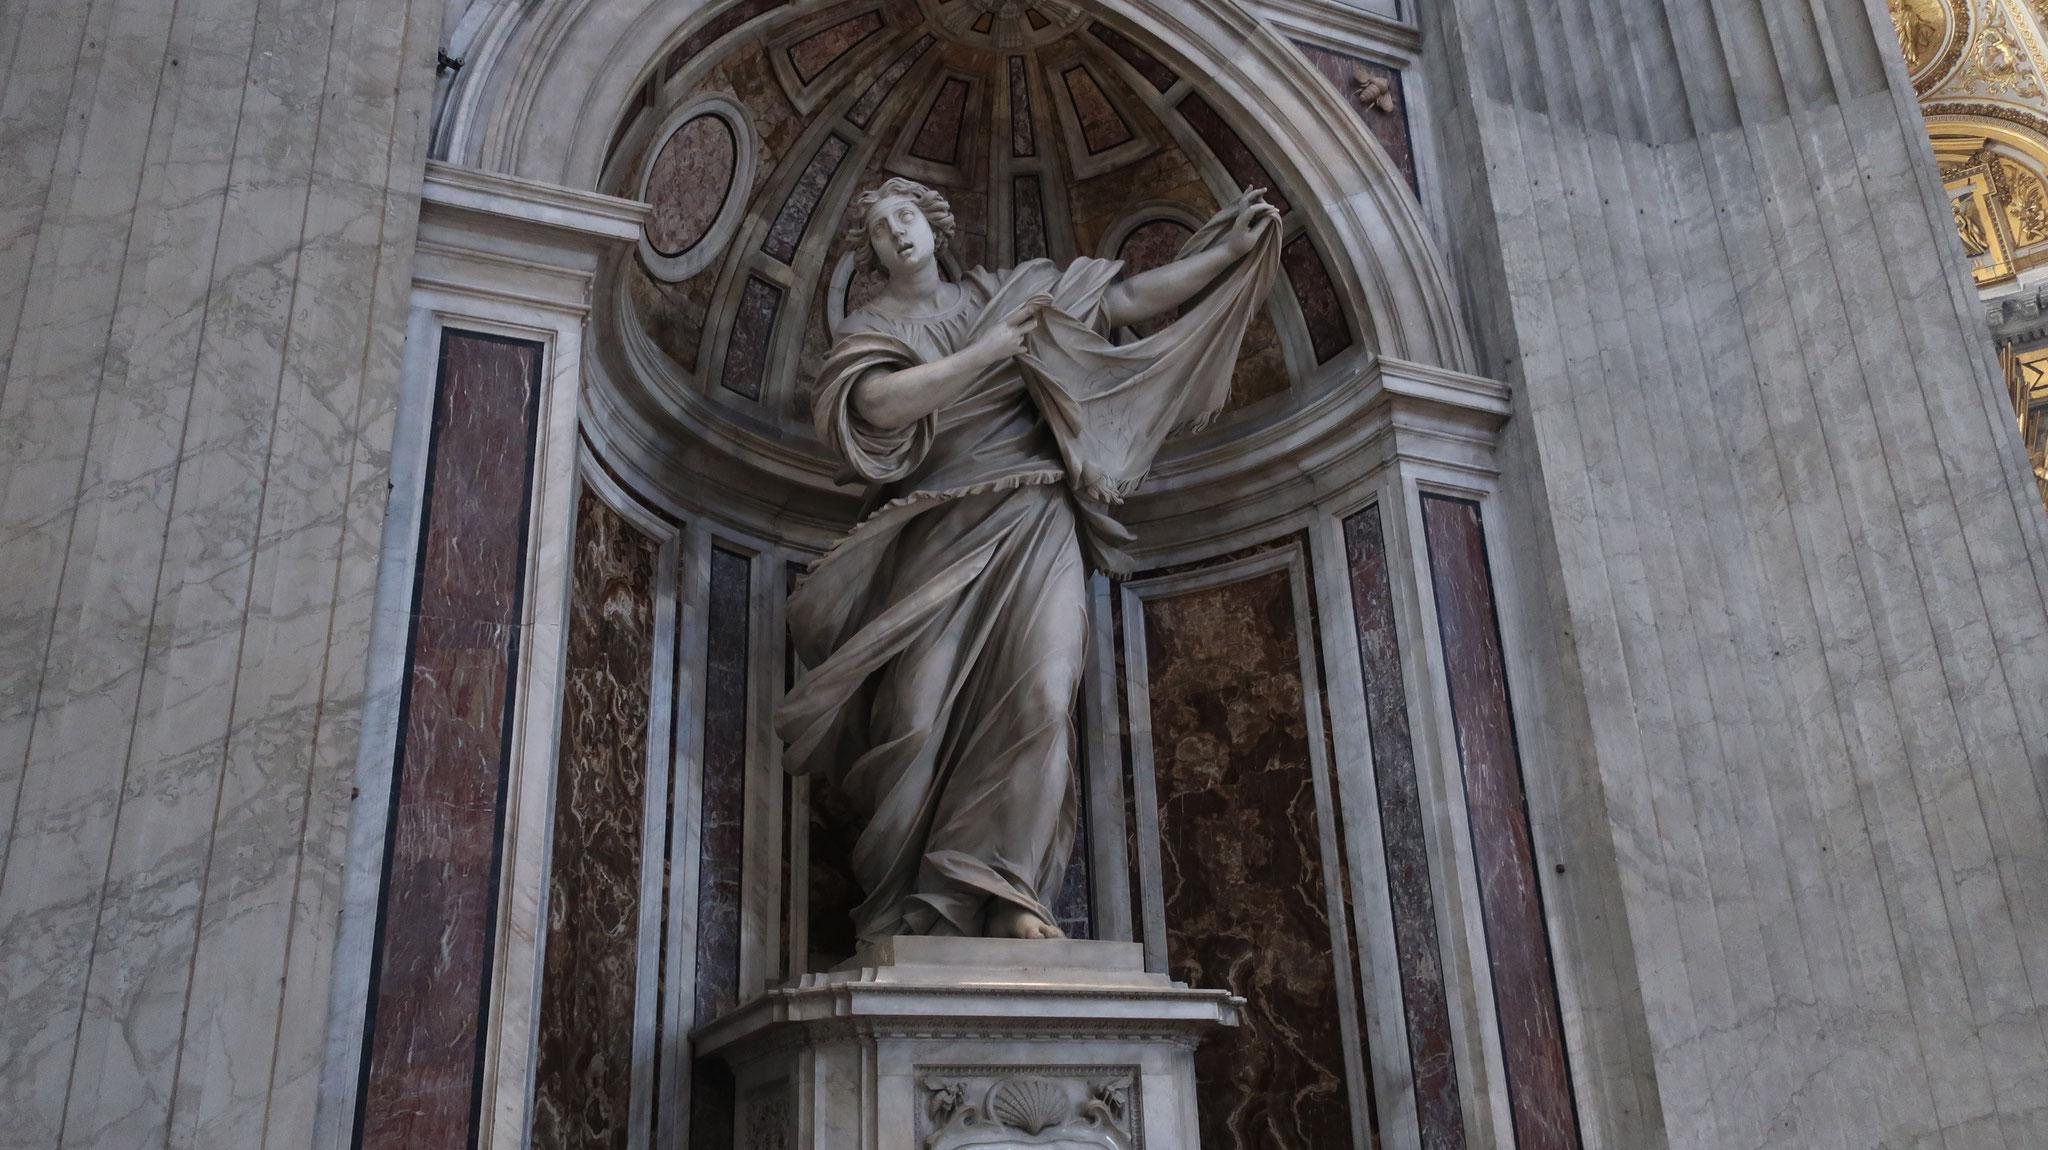 聖ヴェロニカ像、ベルニーニ作。十字架を背負ったキリストの顔をぬぐった布を手にしています。